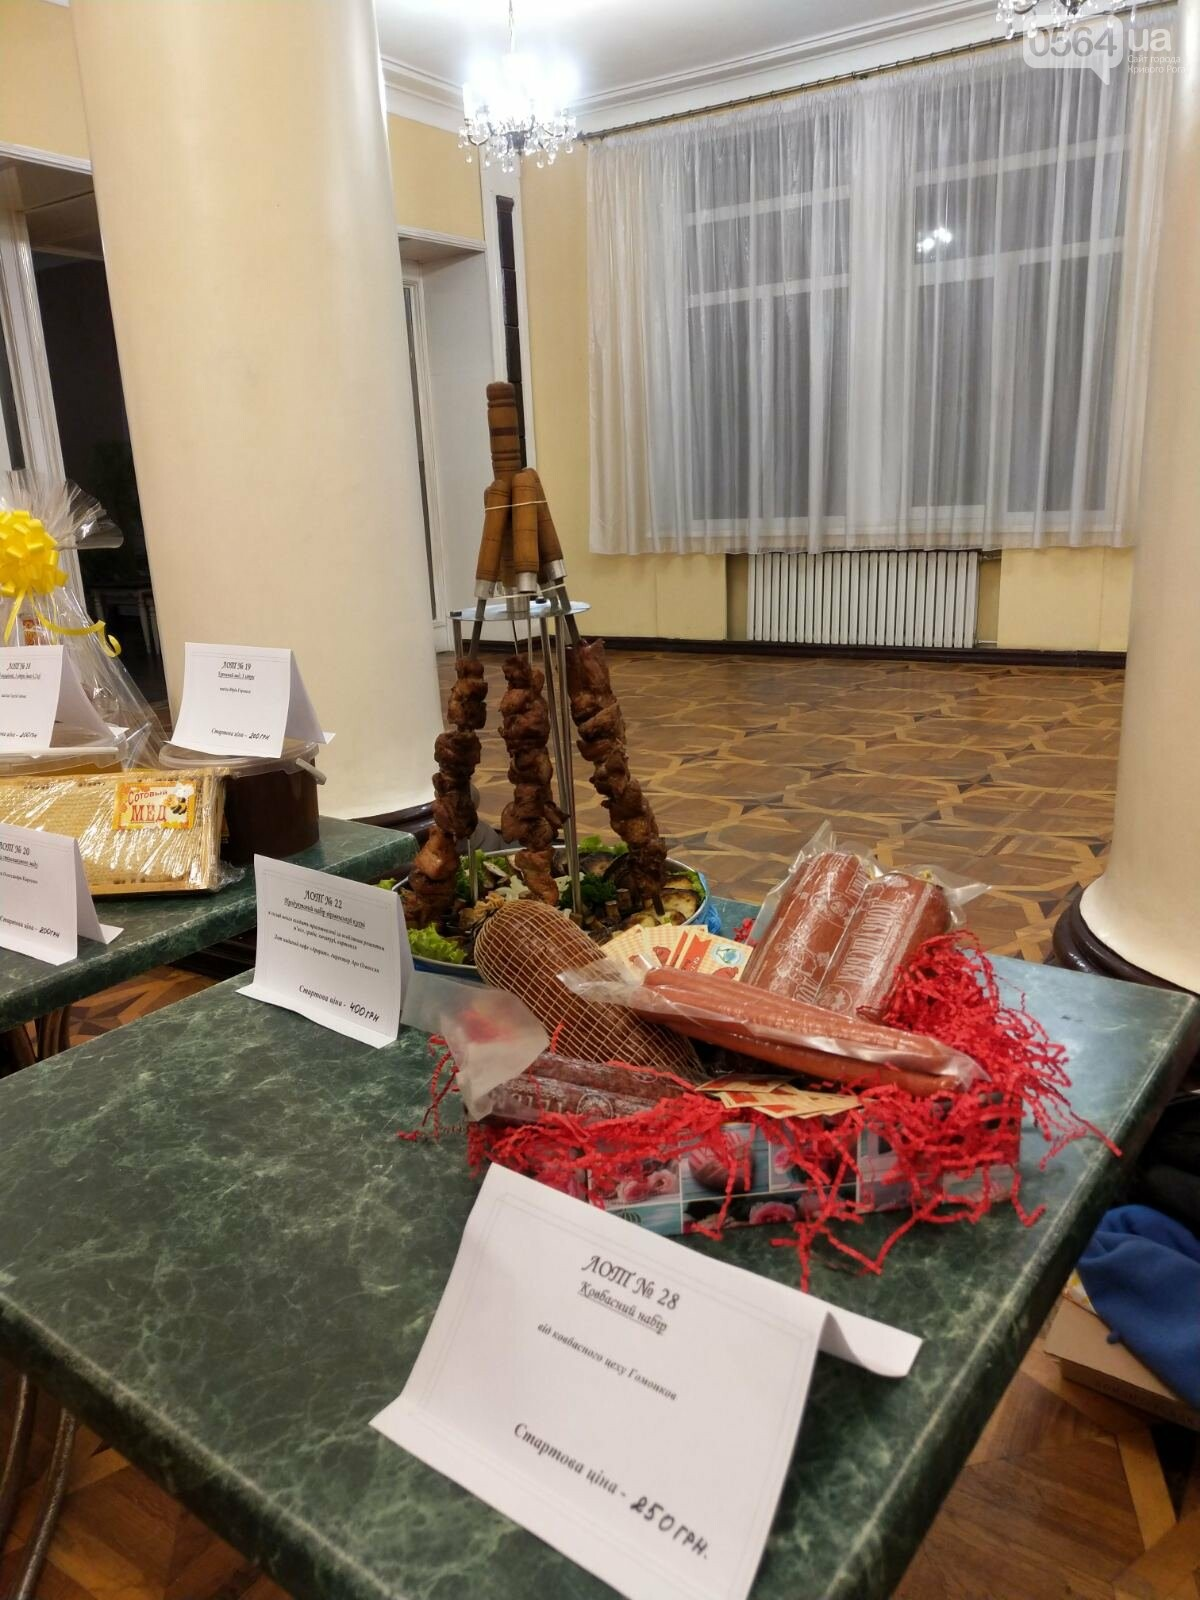 На 7 благотворительном аукционе в Кривом Роге предприниматели собрали более 37 тысяч, - ФОТО, фото-4